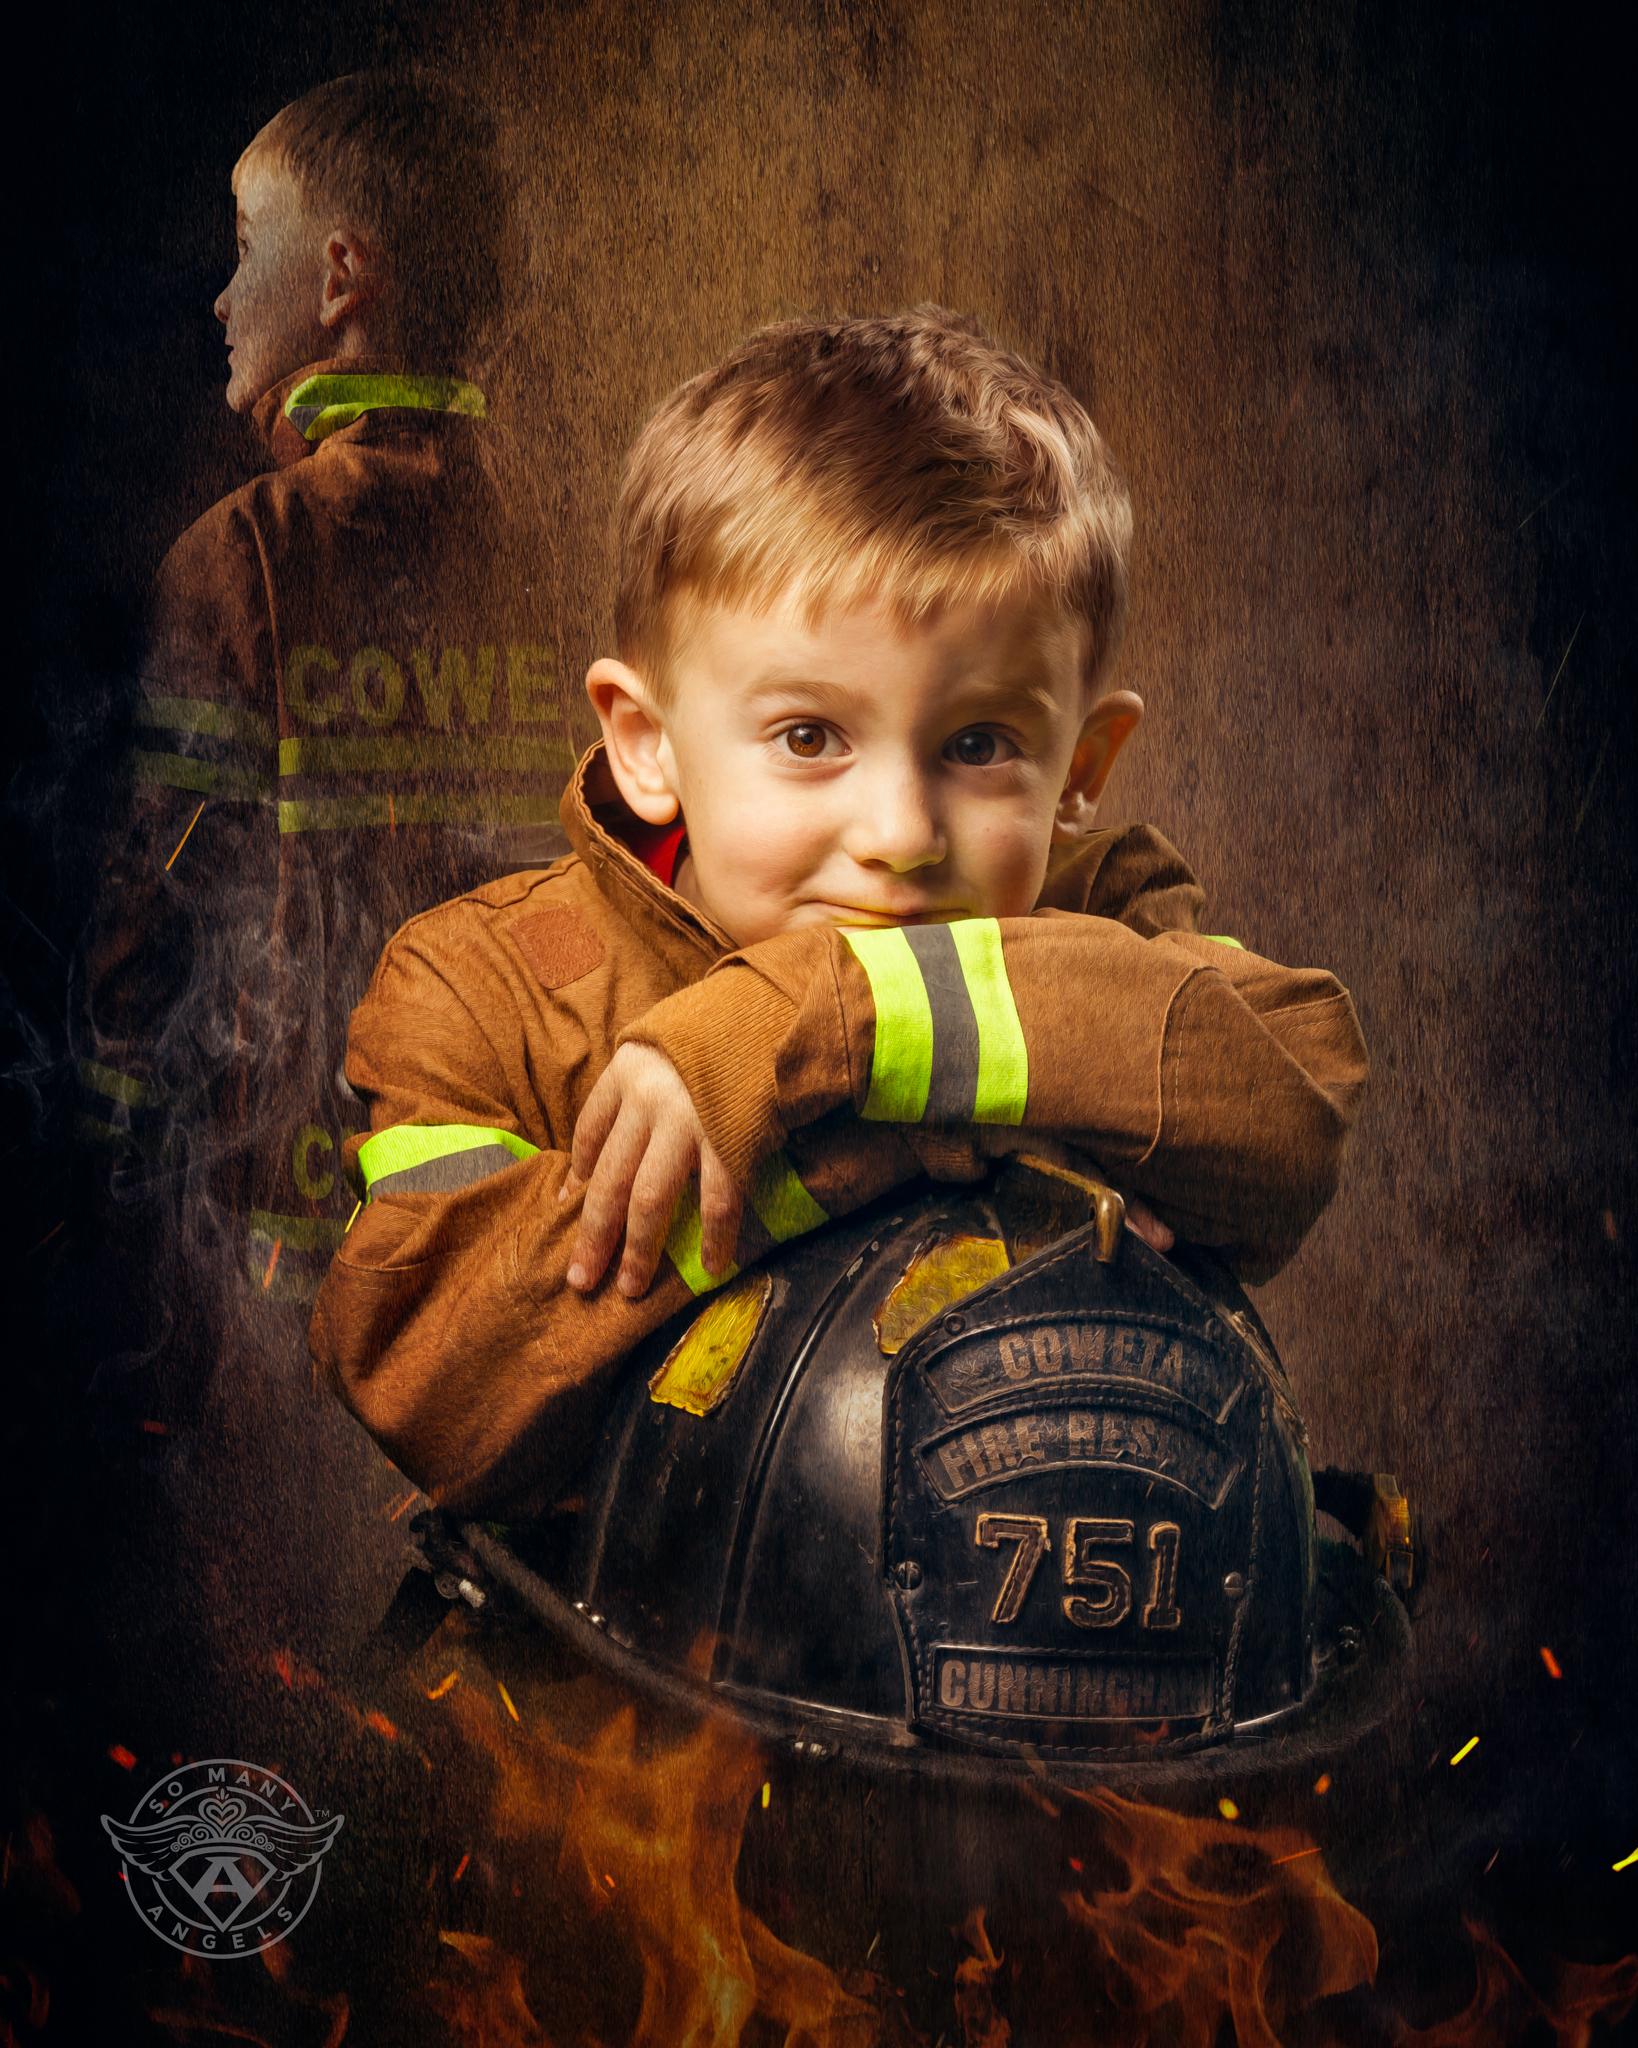 2019-So-Many-Angels-ATL-Russell-Firefighter-Social-Media.jpg